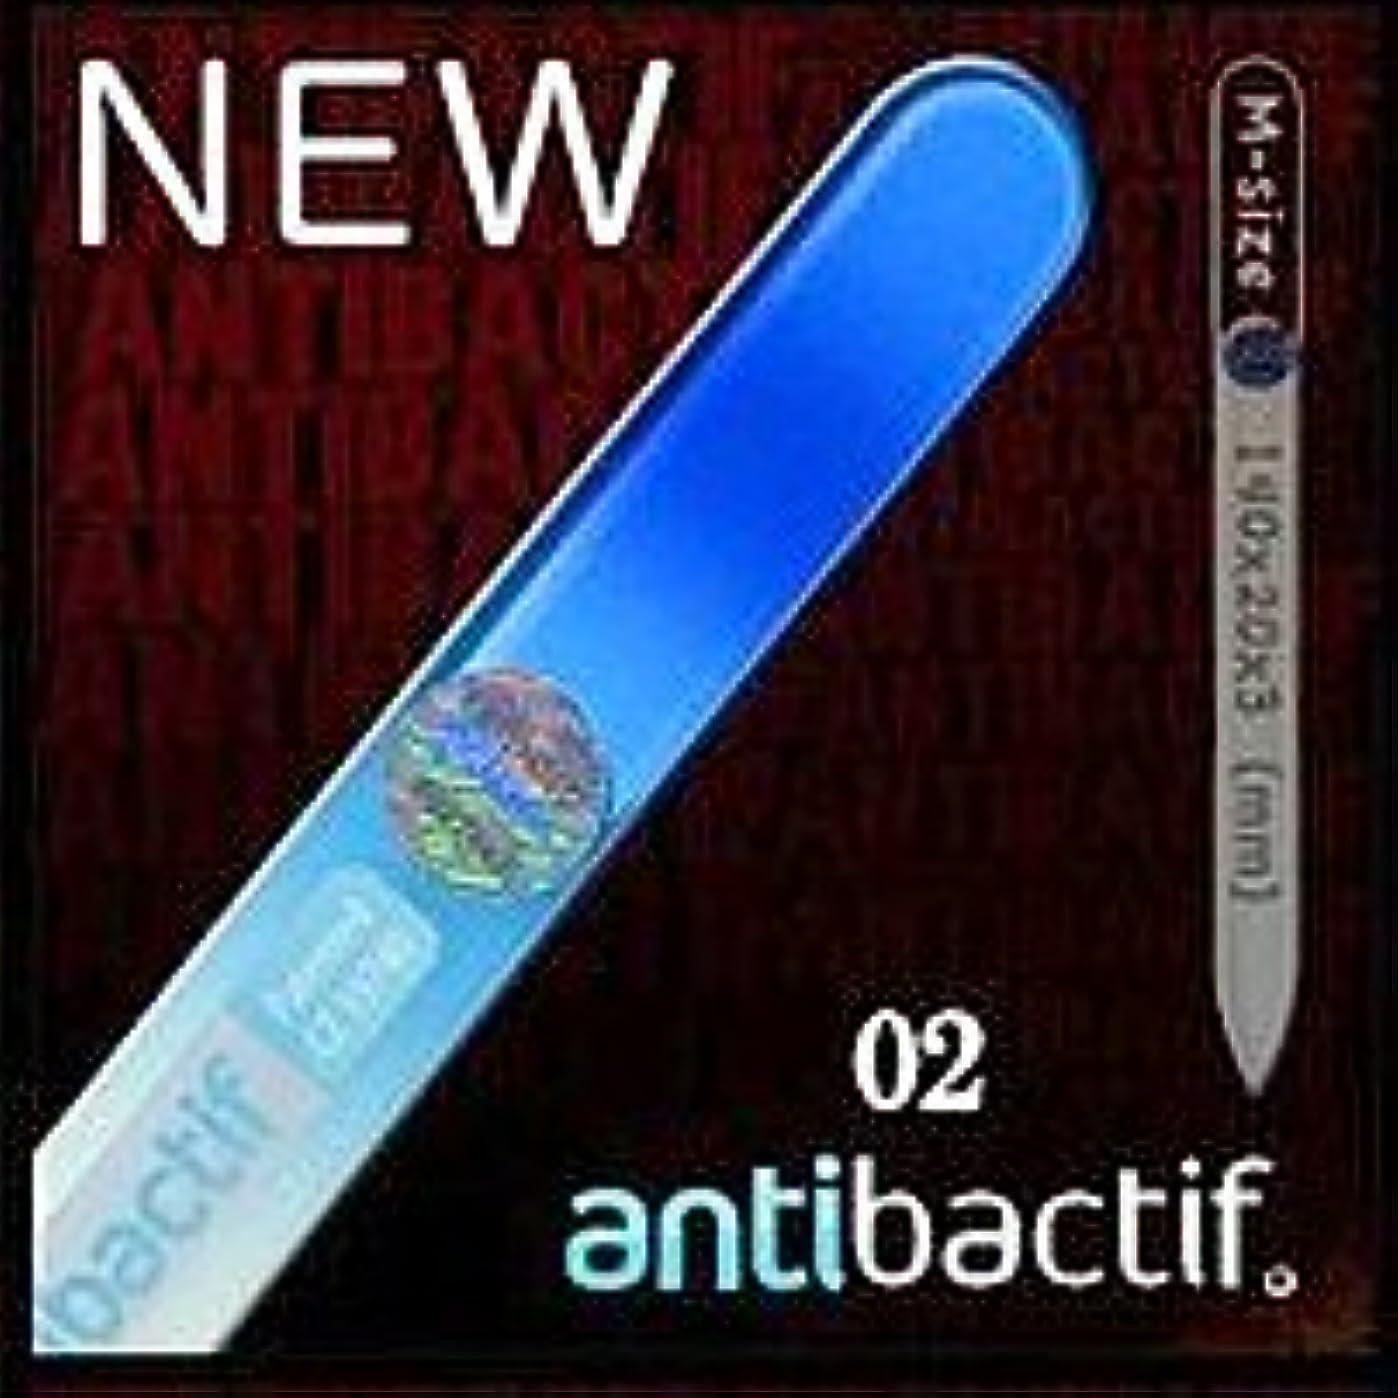 患者フルーティー鳥【ブラジェク】ガラス爪やすり  NEW antibactif カラー(両面ヤスリ) (02)